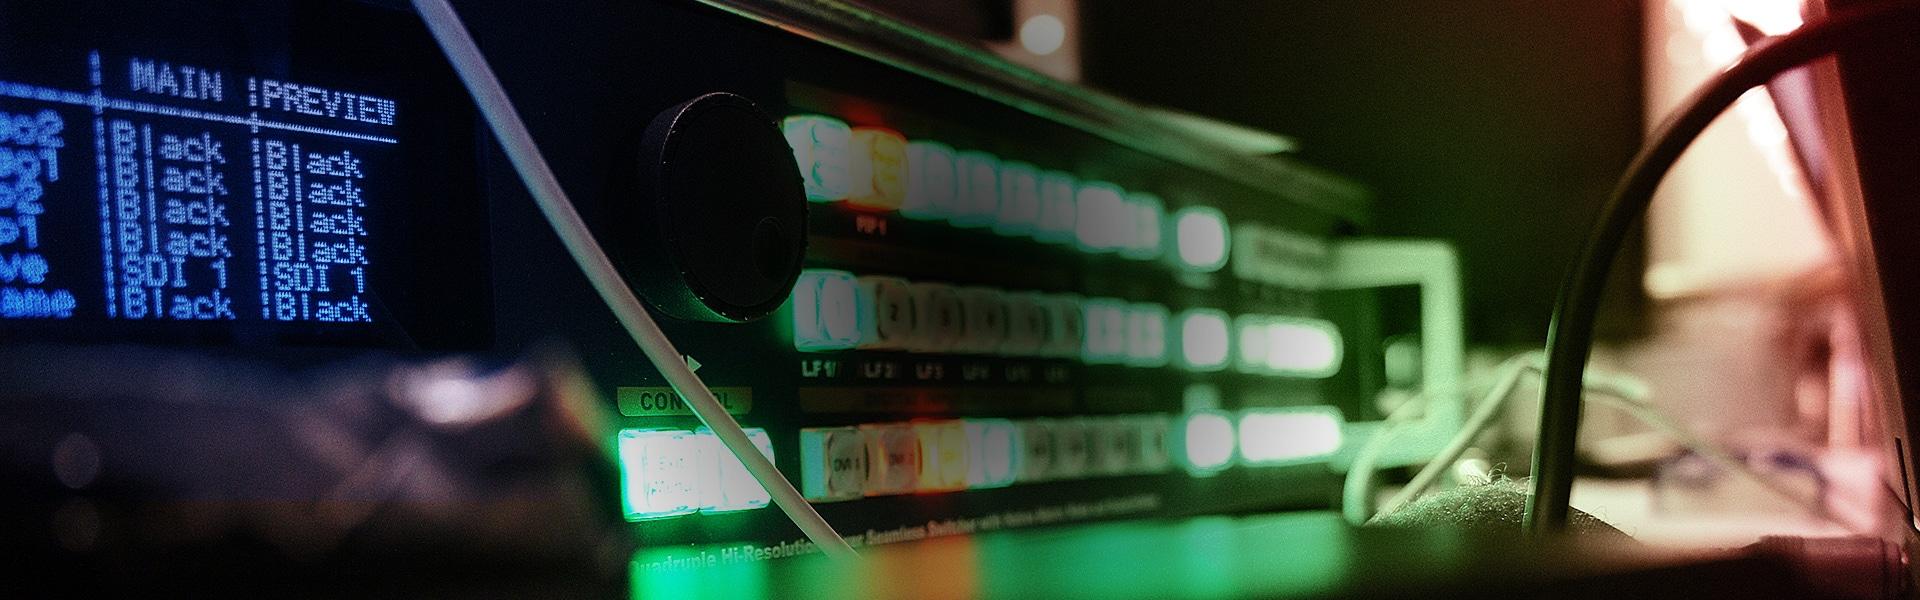 Videotechnik für ideale Videoeinbindung vom Profi